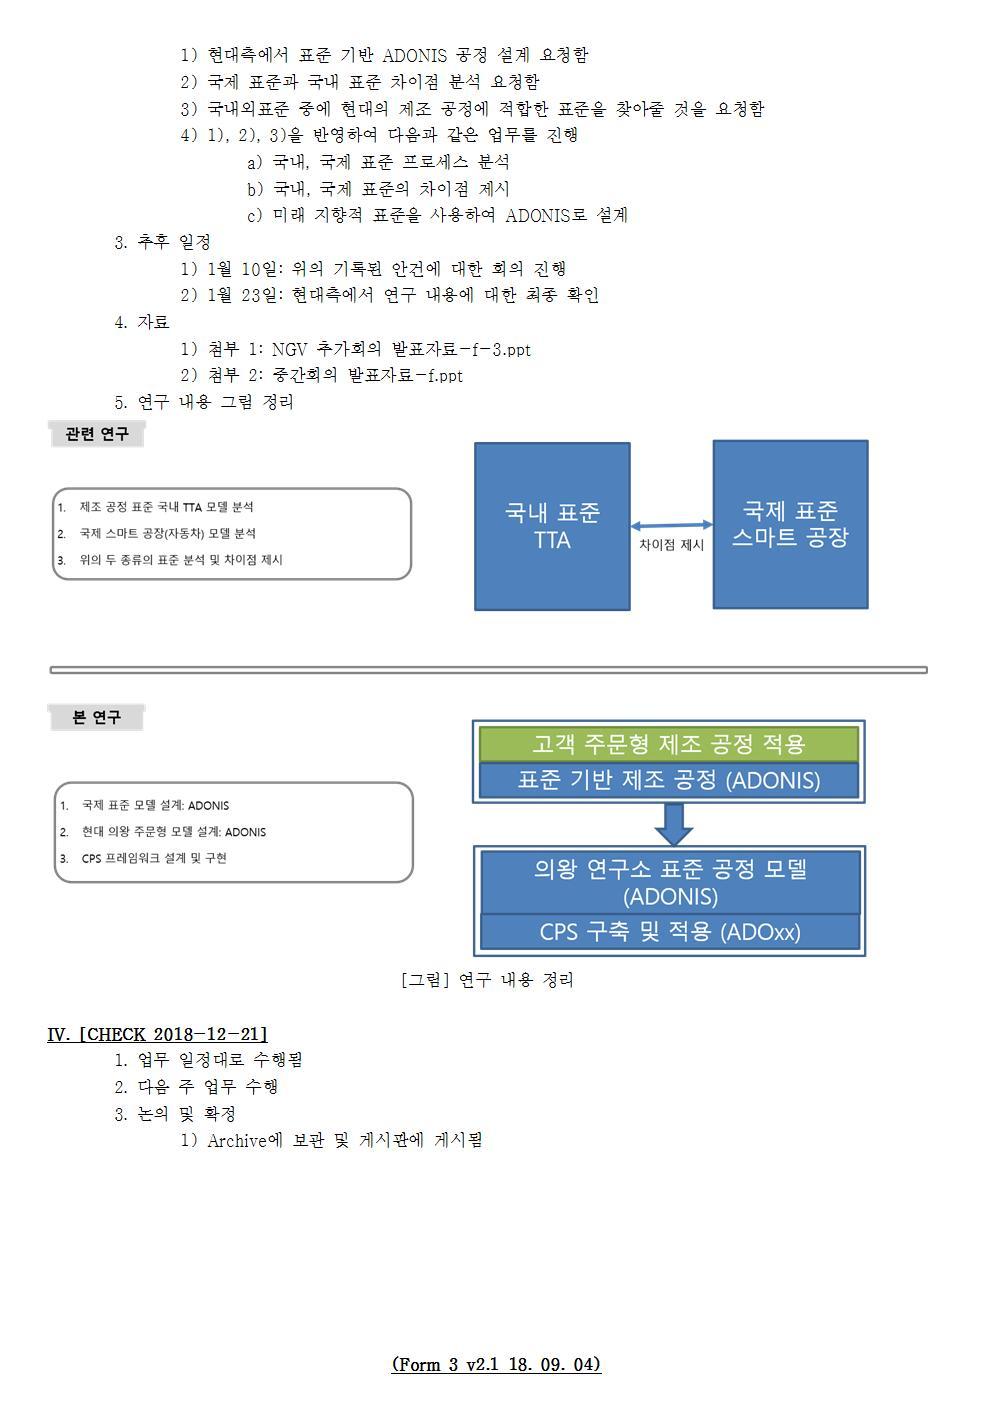 D-[18-051-RD-11]-[NGV-CPS-Proposal]-[2018-12-21][SH]002.jpg